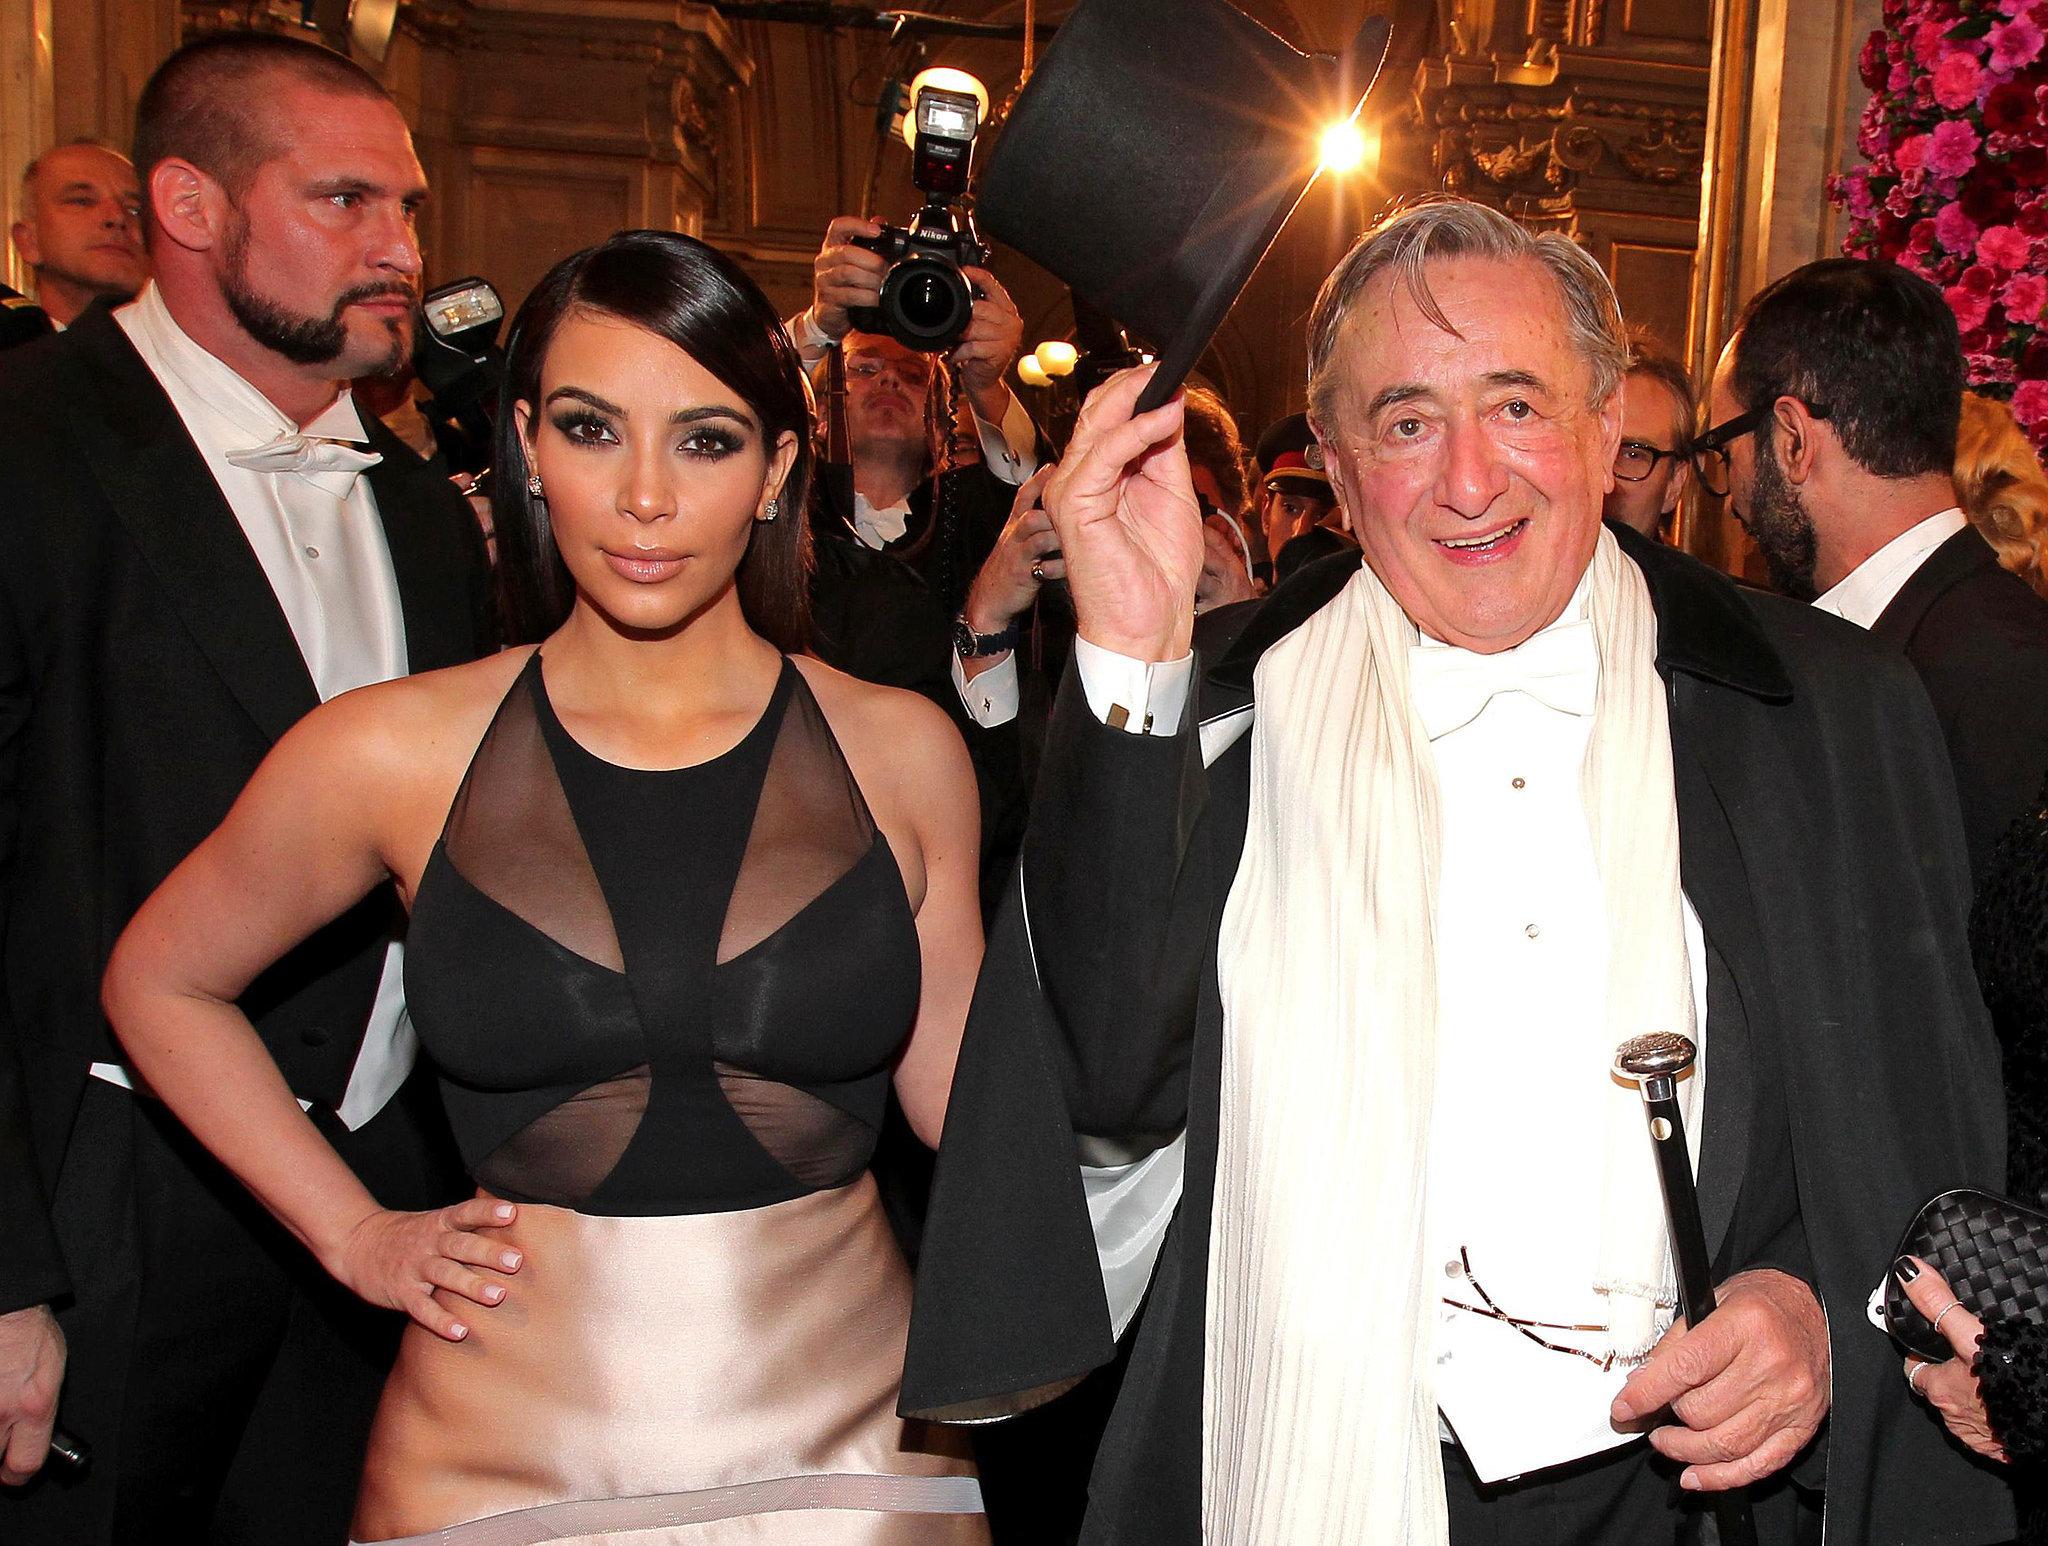 Inside Kim Kardashian's Awkward $500,000 Date